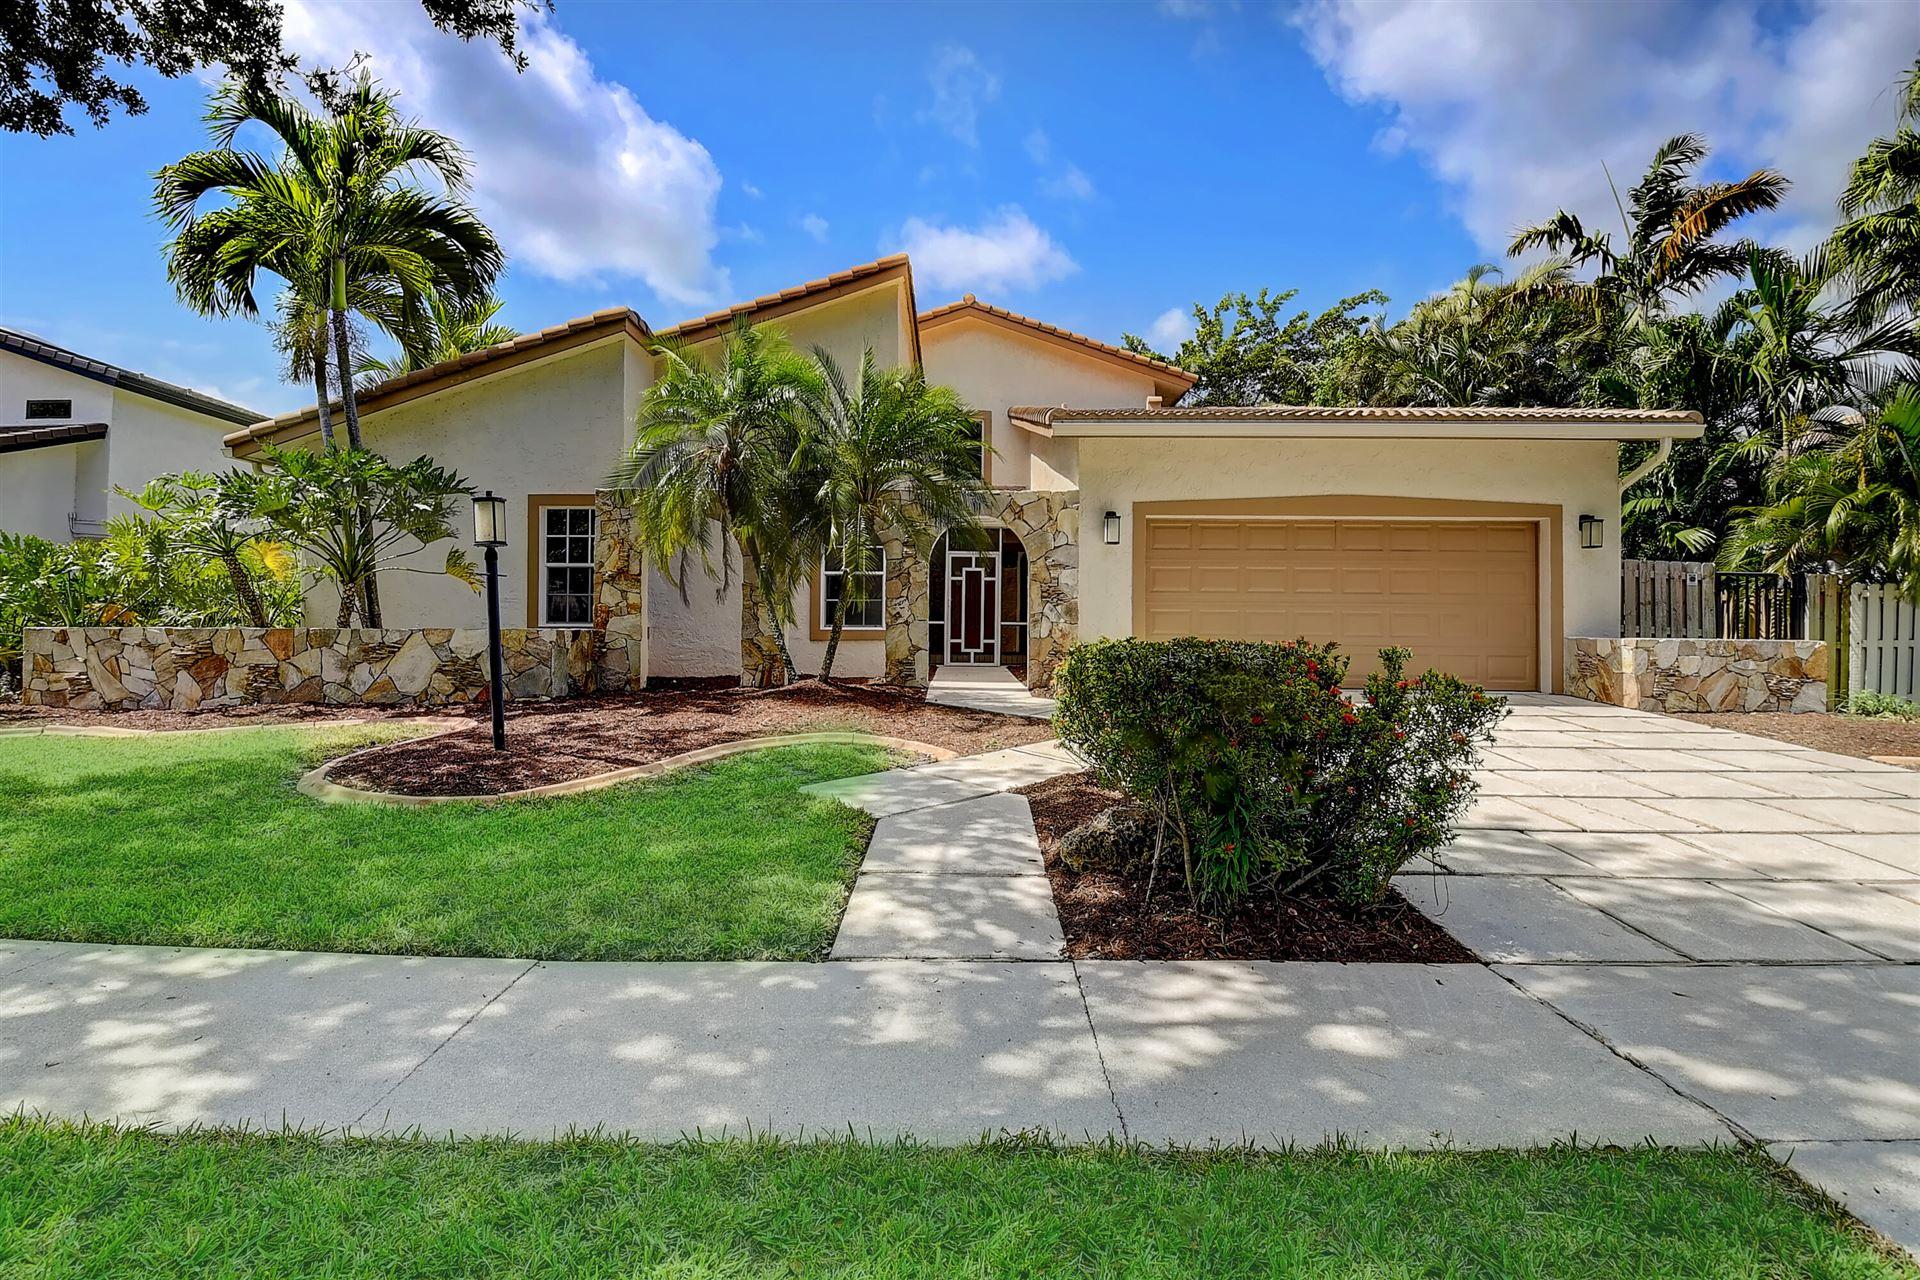 2662 NW 41st Street, Boca Raton, FL 33434 - MLS#: RX-10715242